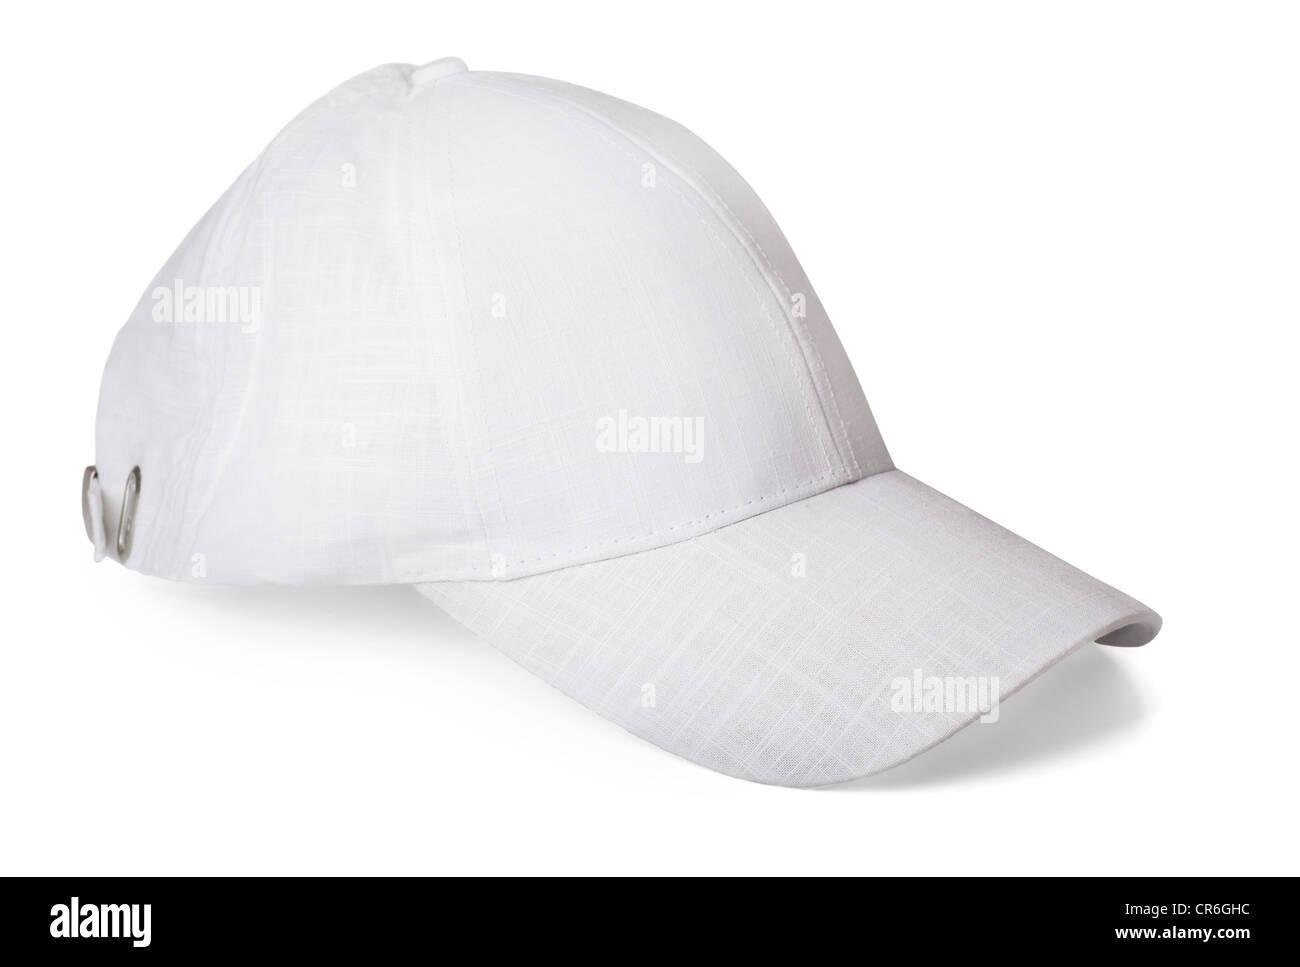 Bianca Cappello da baseball isolato su bianco Foto   Immagine Stock ... 81f1e3ed6cf4